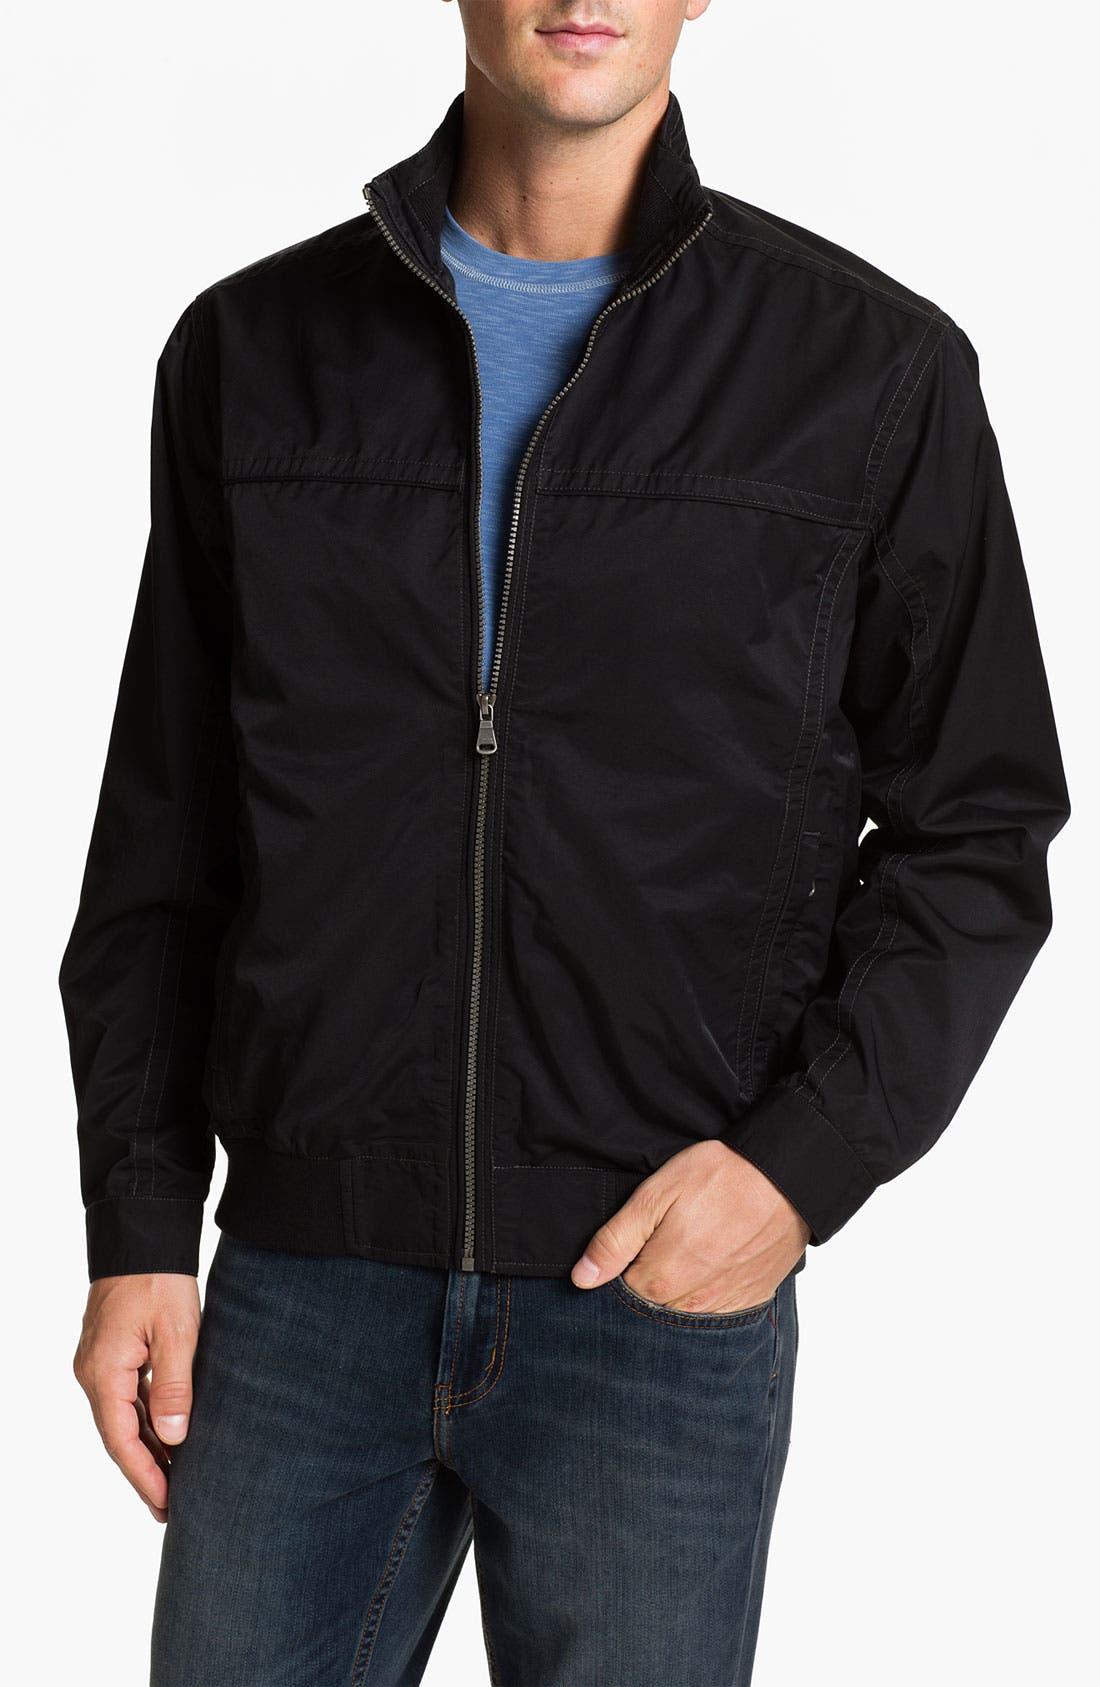 Alternate Image 1 Selected - Tommy Bahama 'Eisenhower' Jacket